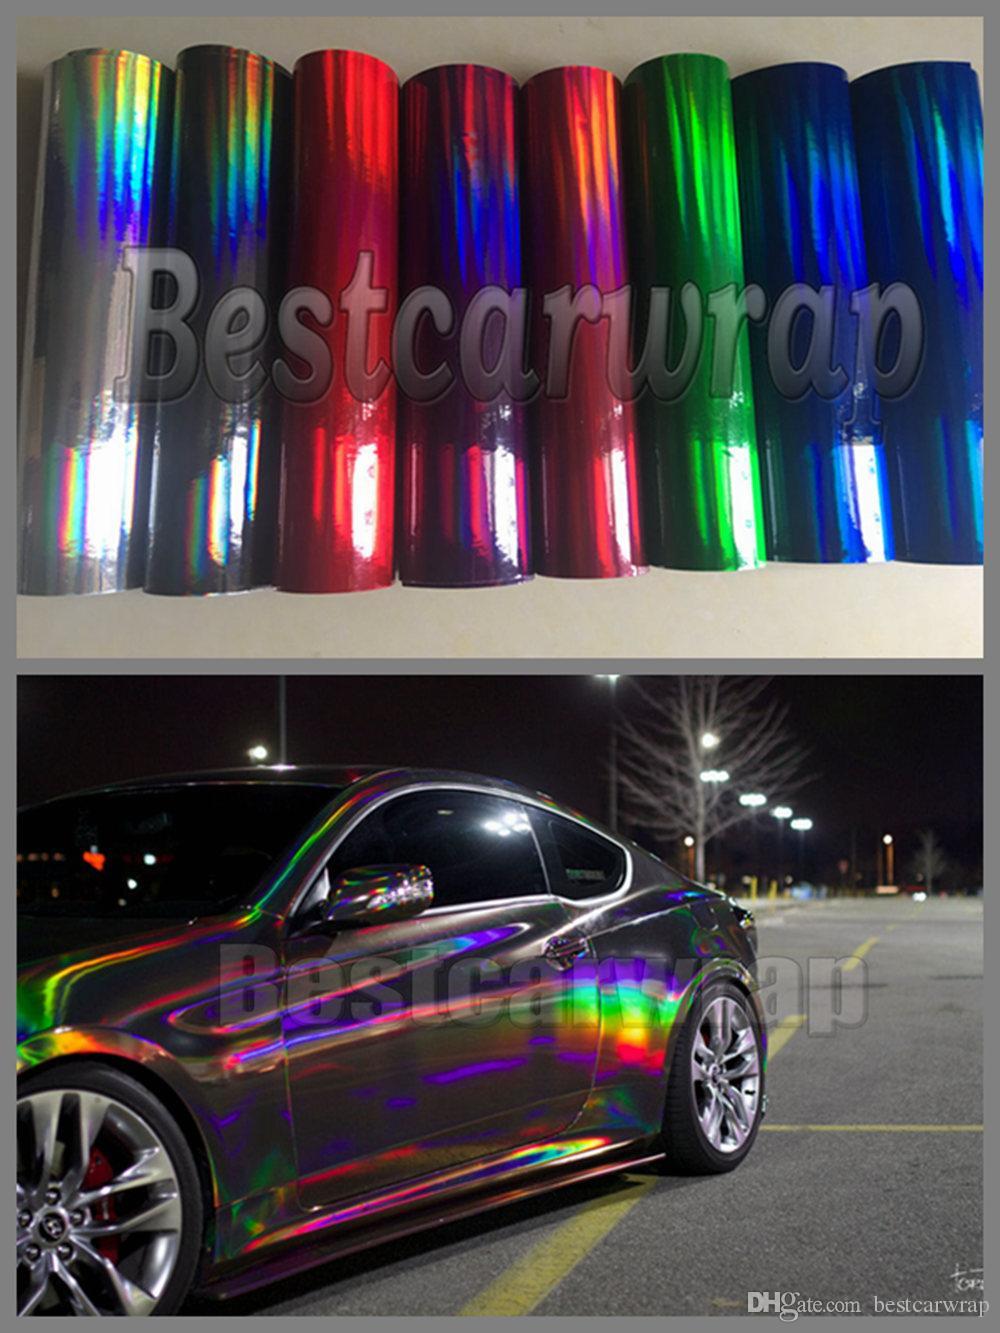 Различный фильм винила Крома цвета голографический для автомобиля оборачивая с воздушным пузырем освобождает фольгу лазера обруча Крома хамелеона радуги 1.52x20m / 5x67ft